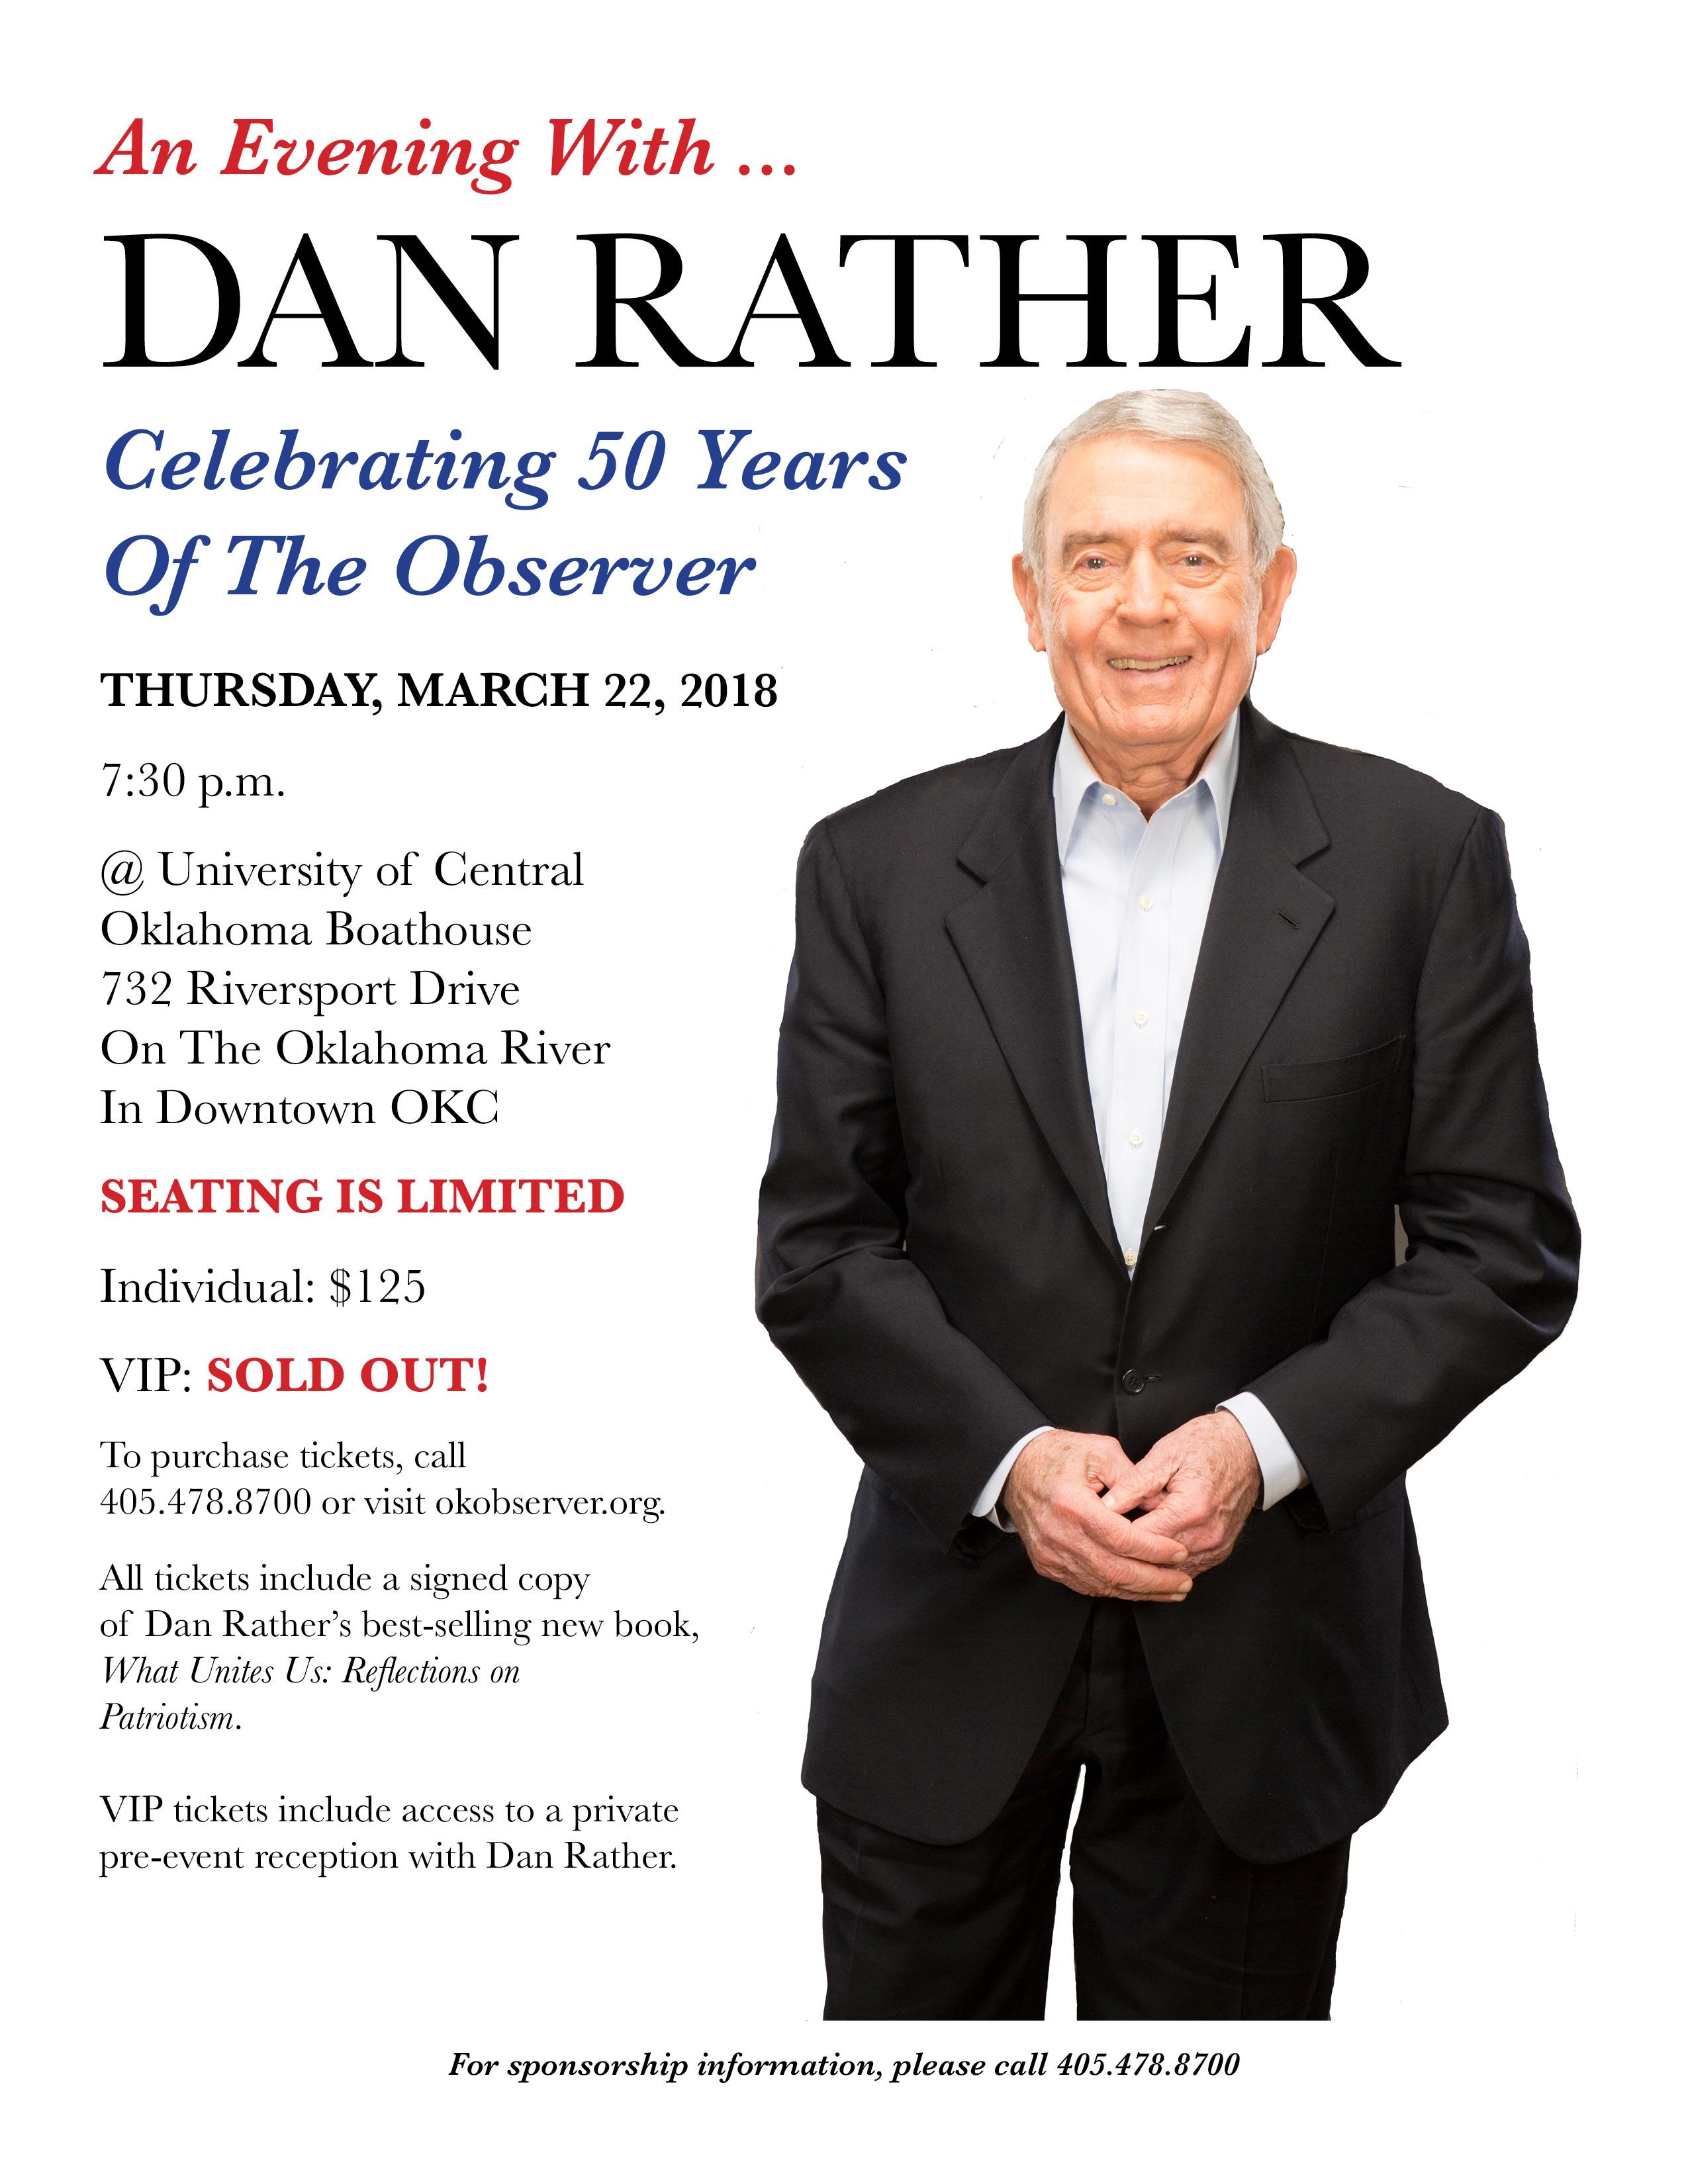 Dan Rather Program